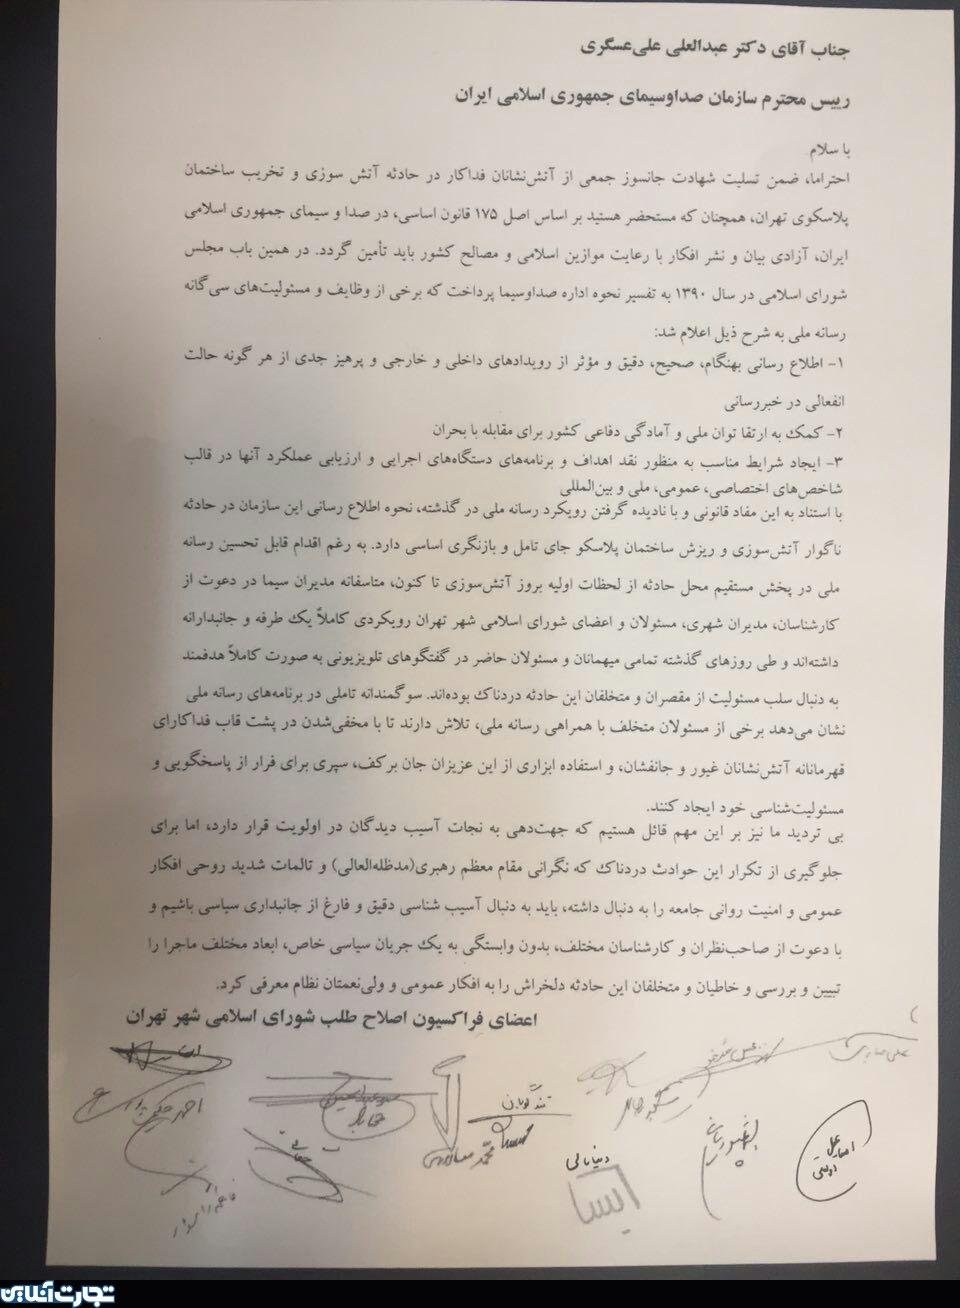 انتقاد فراکسیون اصلاح طلبان شورای شهر تهران از صدا و سیما درباره پلاسکو